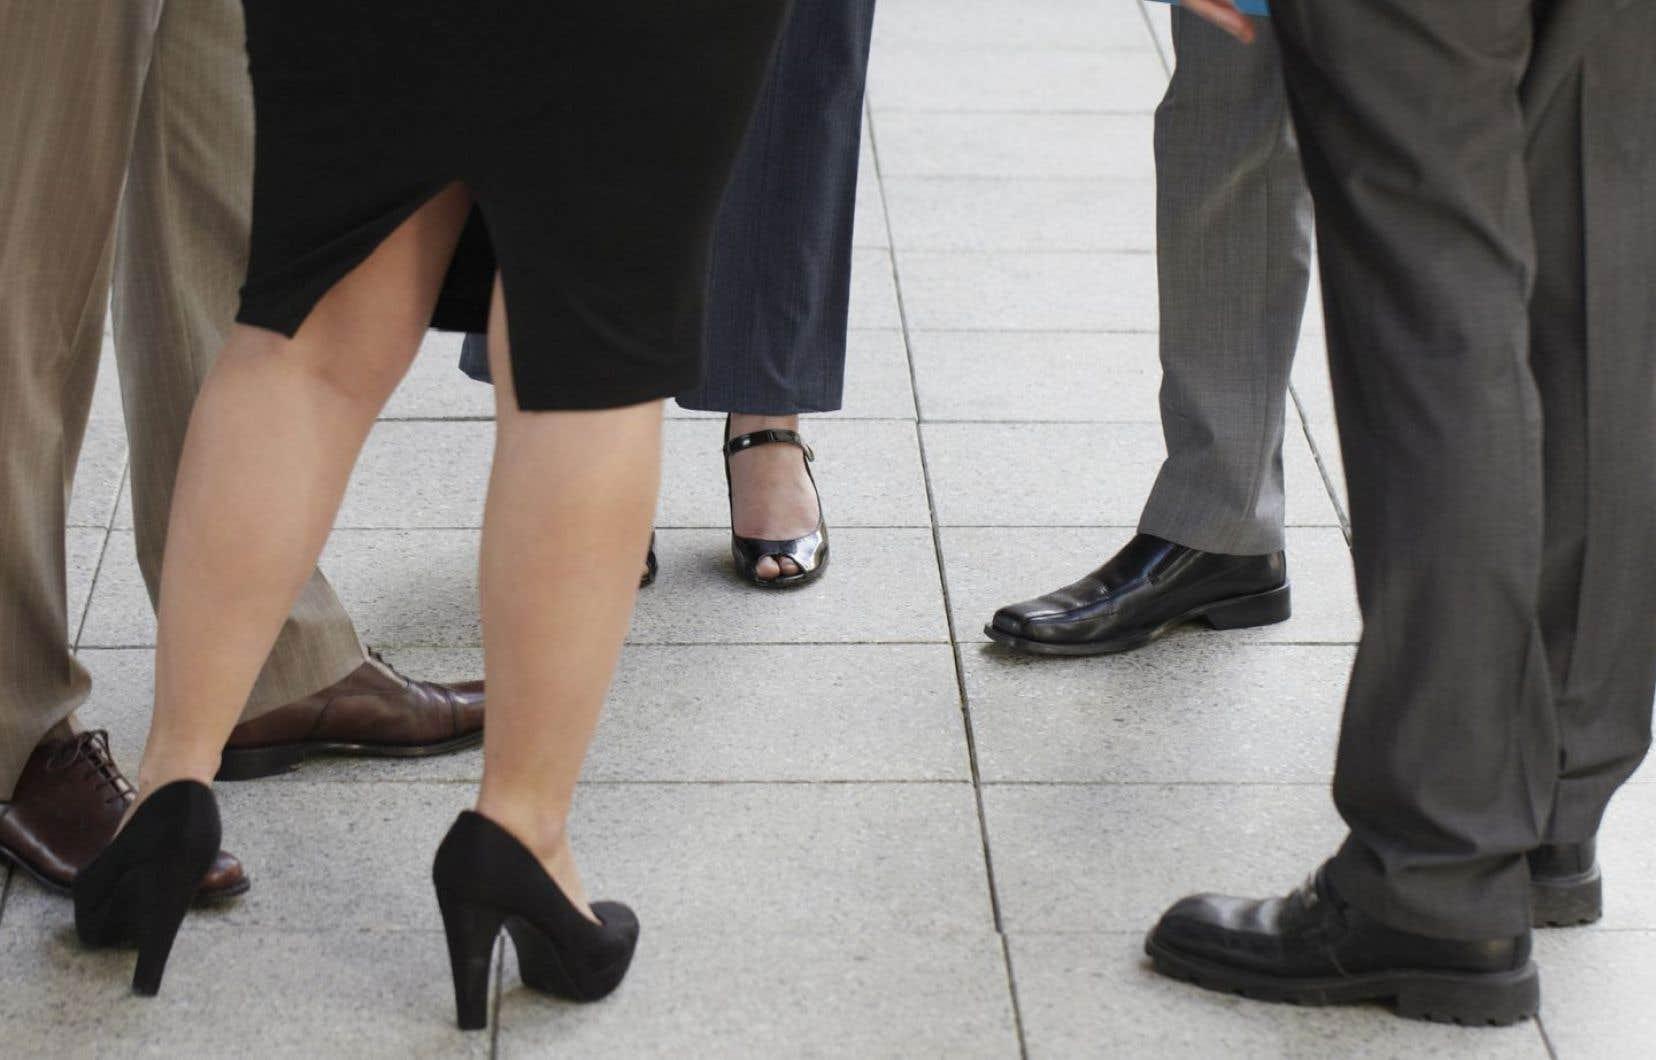 Les femmes accèdent certes davantage à l'éducation supérieure que les hommes, mais en dépit de ce fait, elles demeurent largement désavantagées sur le marché de l'emploi.